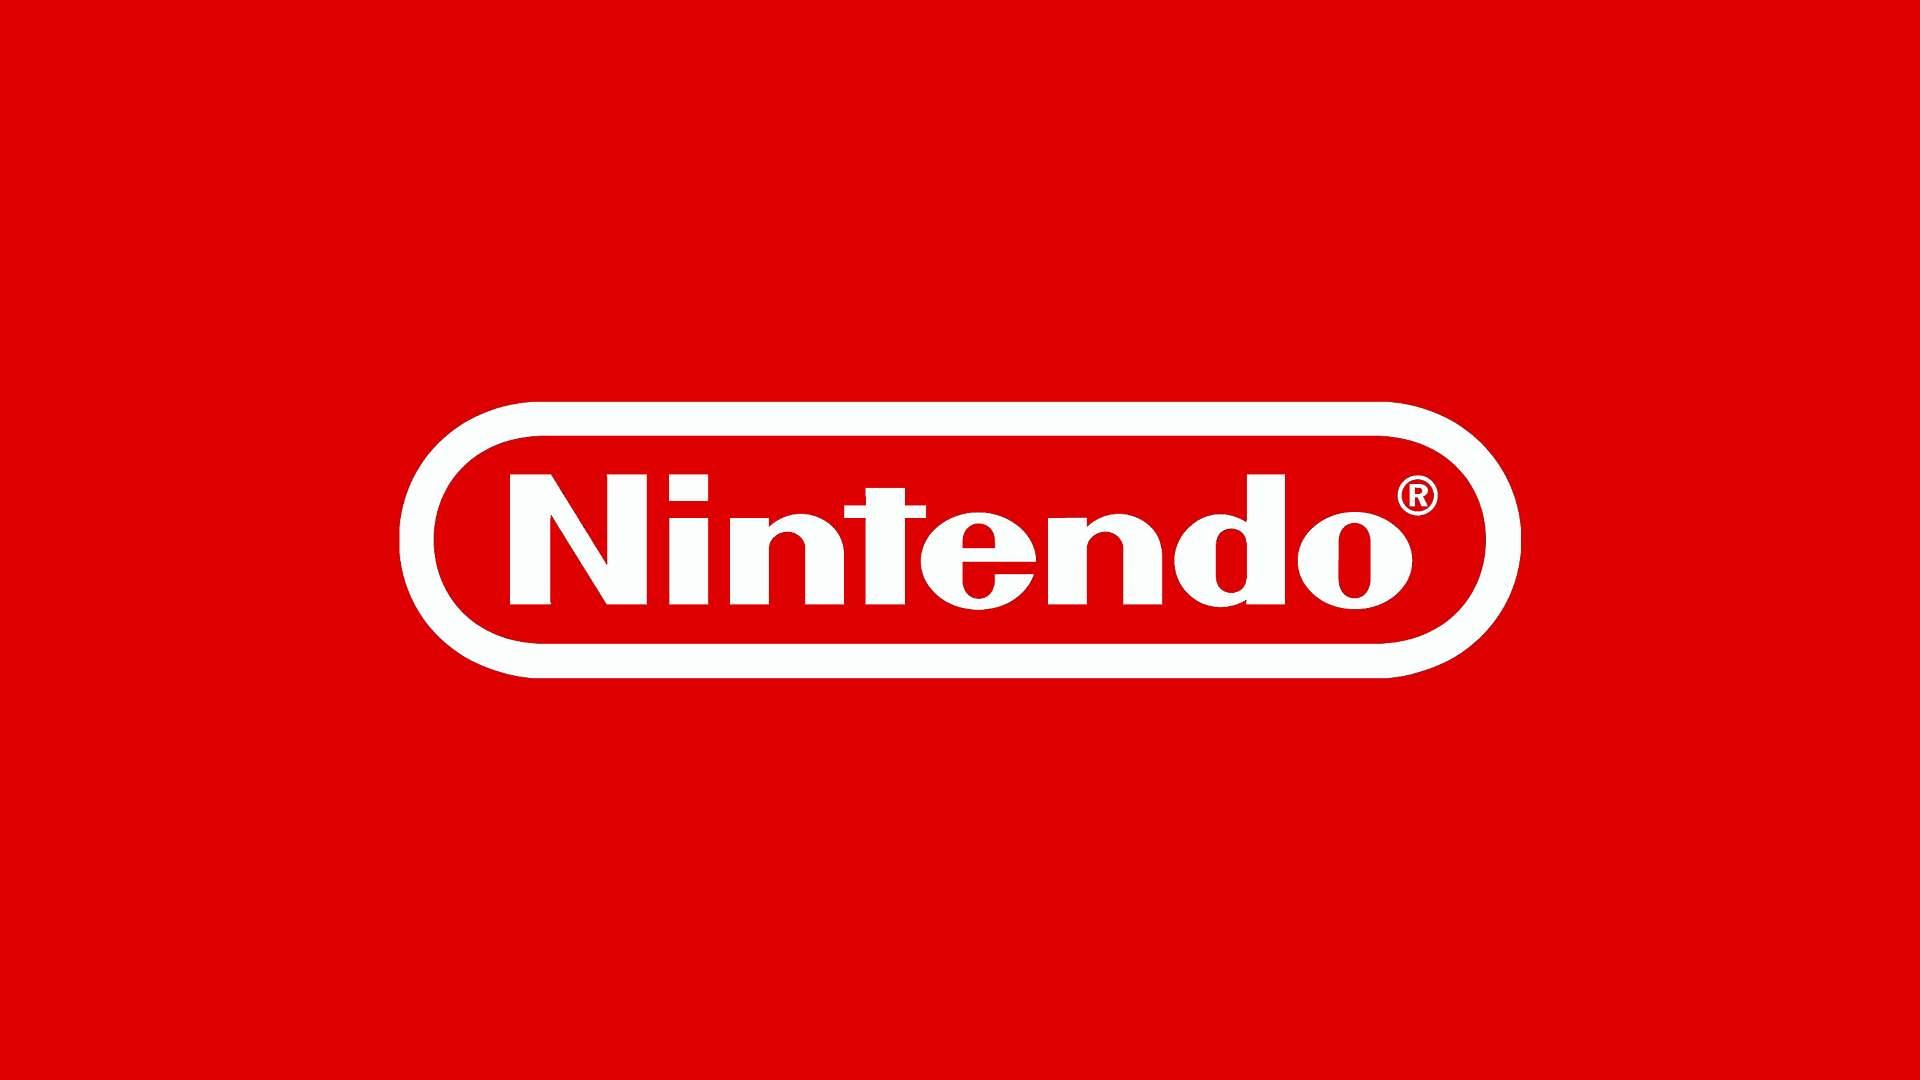 任天堂或逐步减少手游开发 更专注于NS方面发展-Gamewower